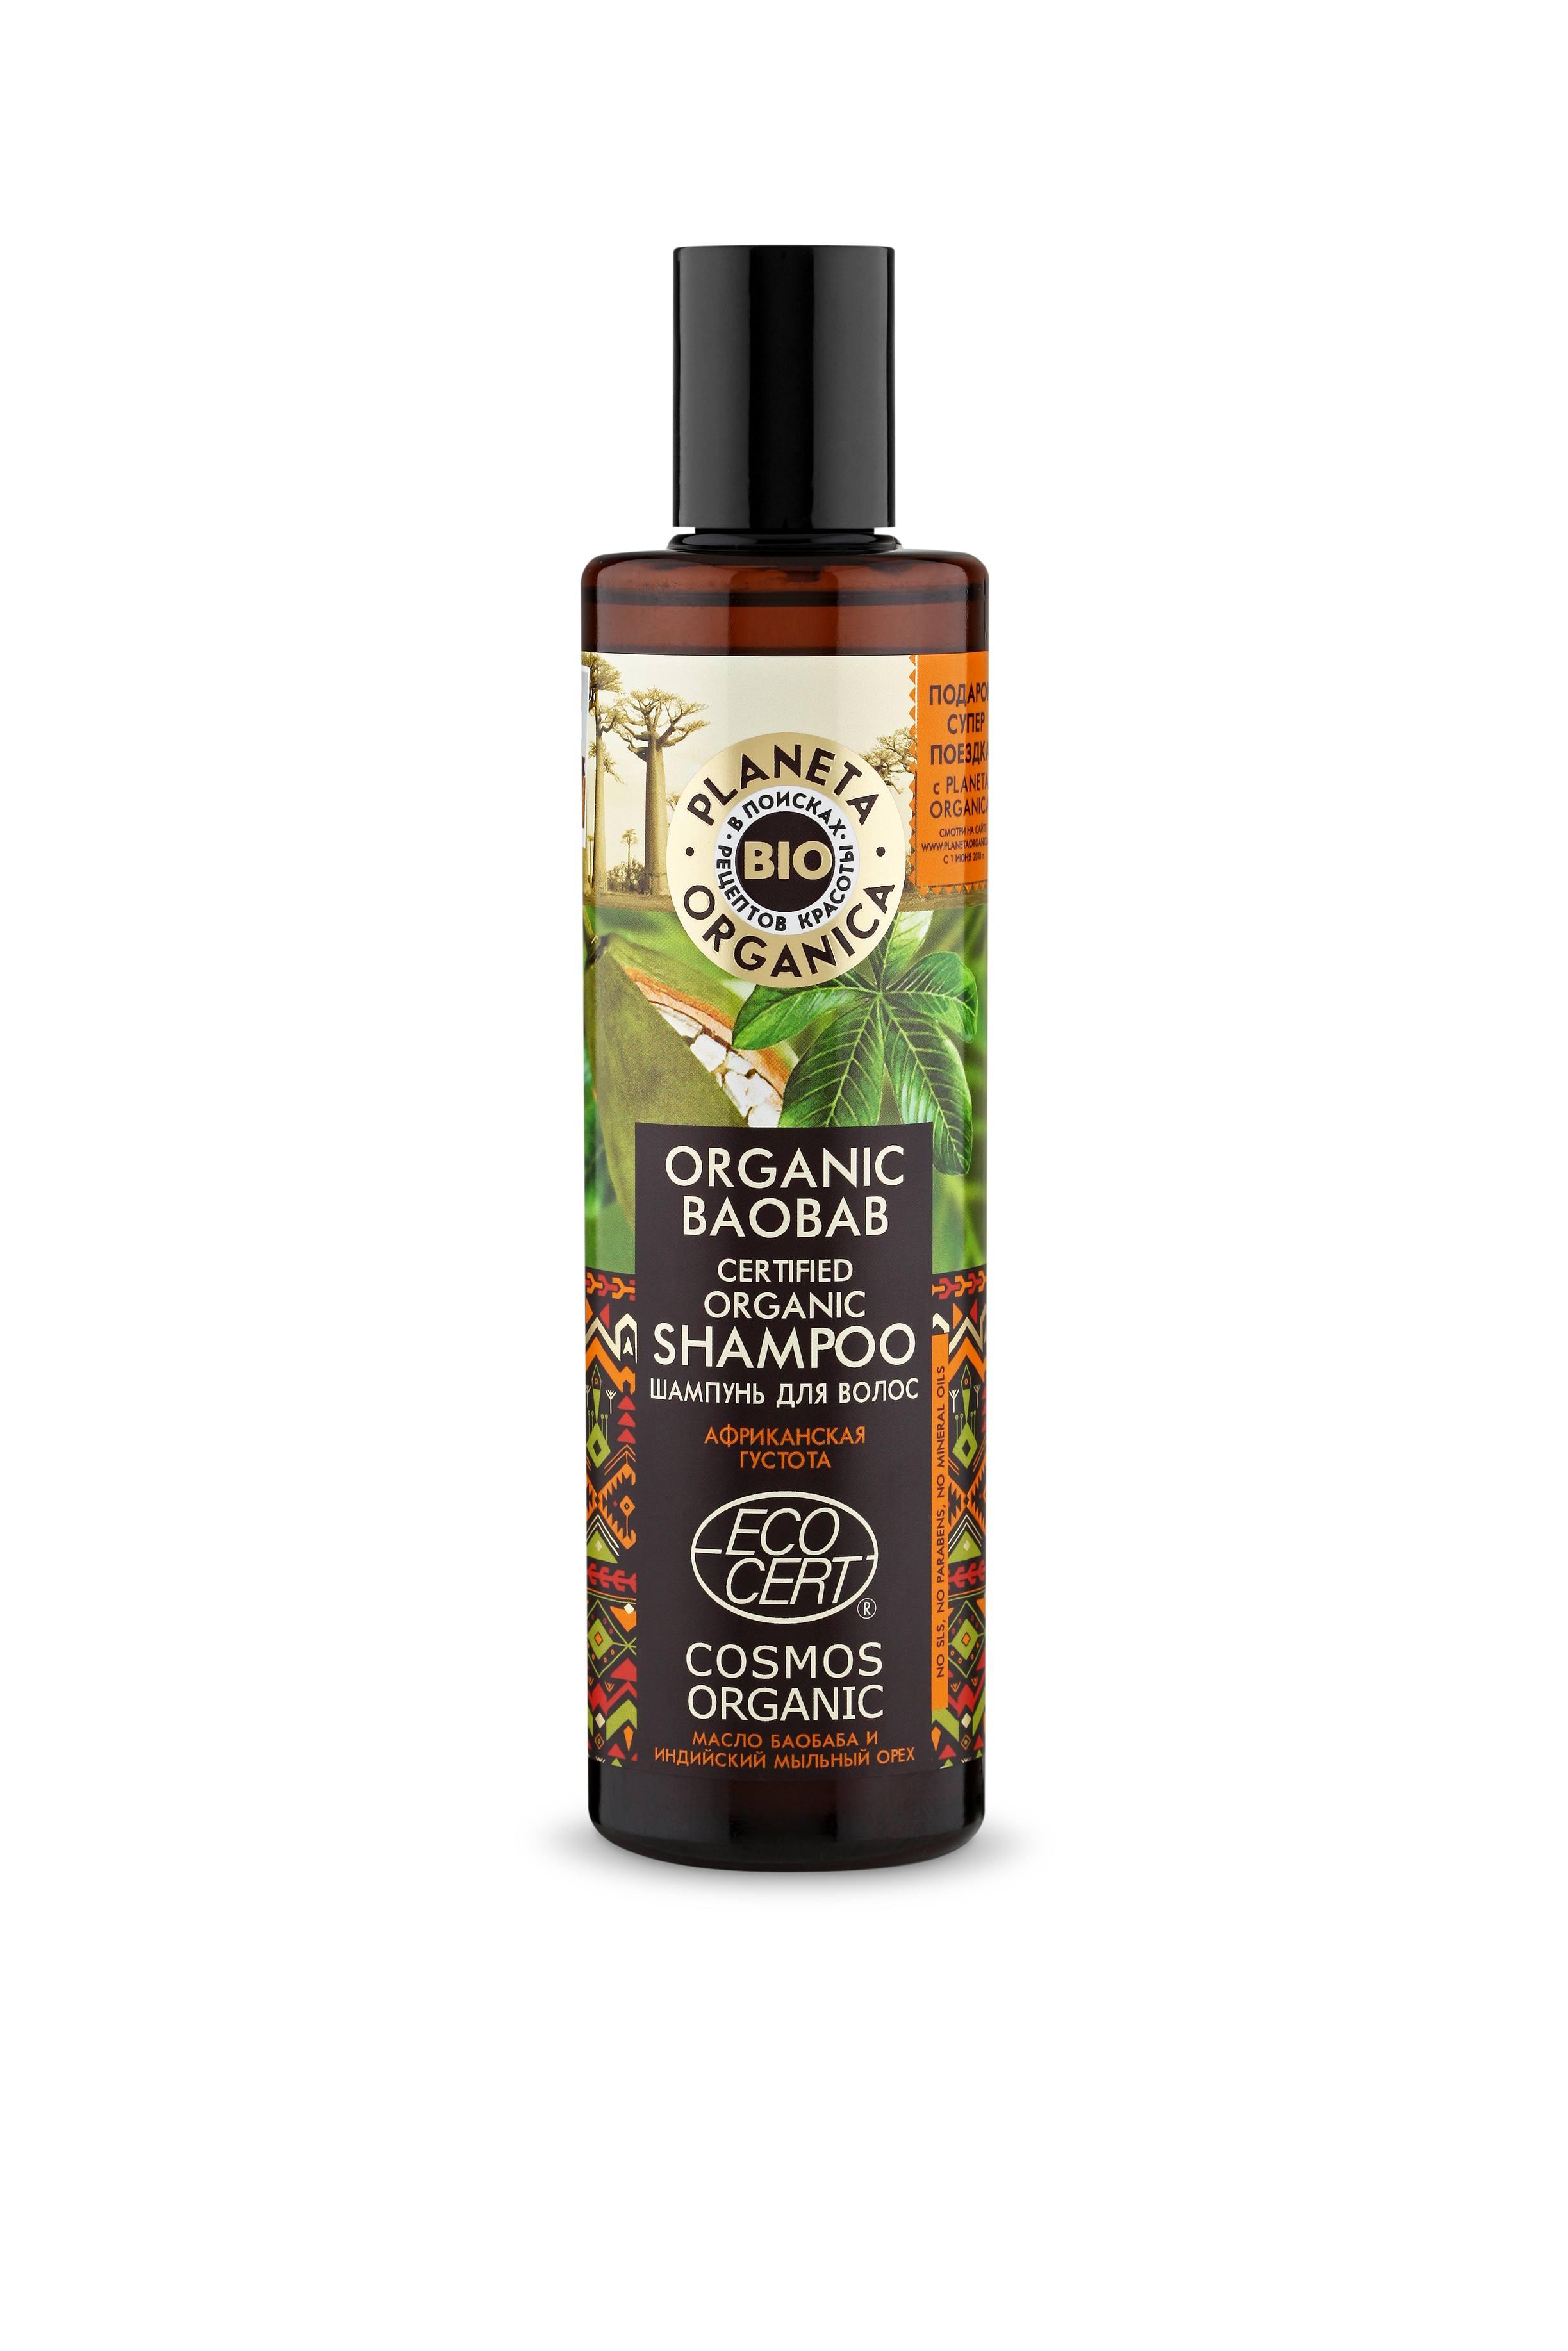 Купить Planeta Organica Organic baobab Сертифицированный шампунь для волос, органический, 280 мл (shop: Organic-shops Organic shops)